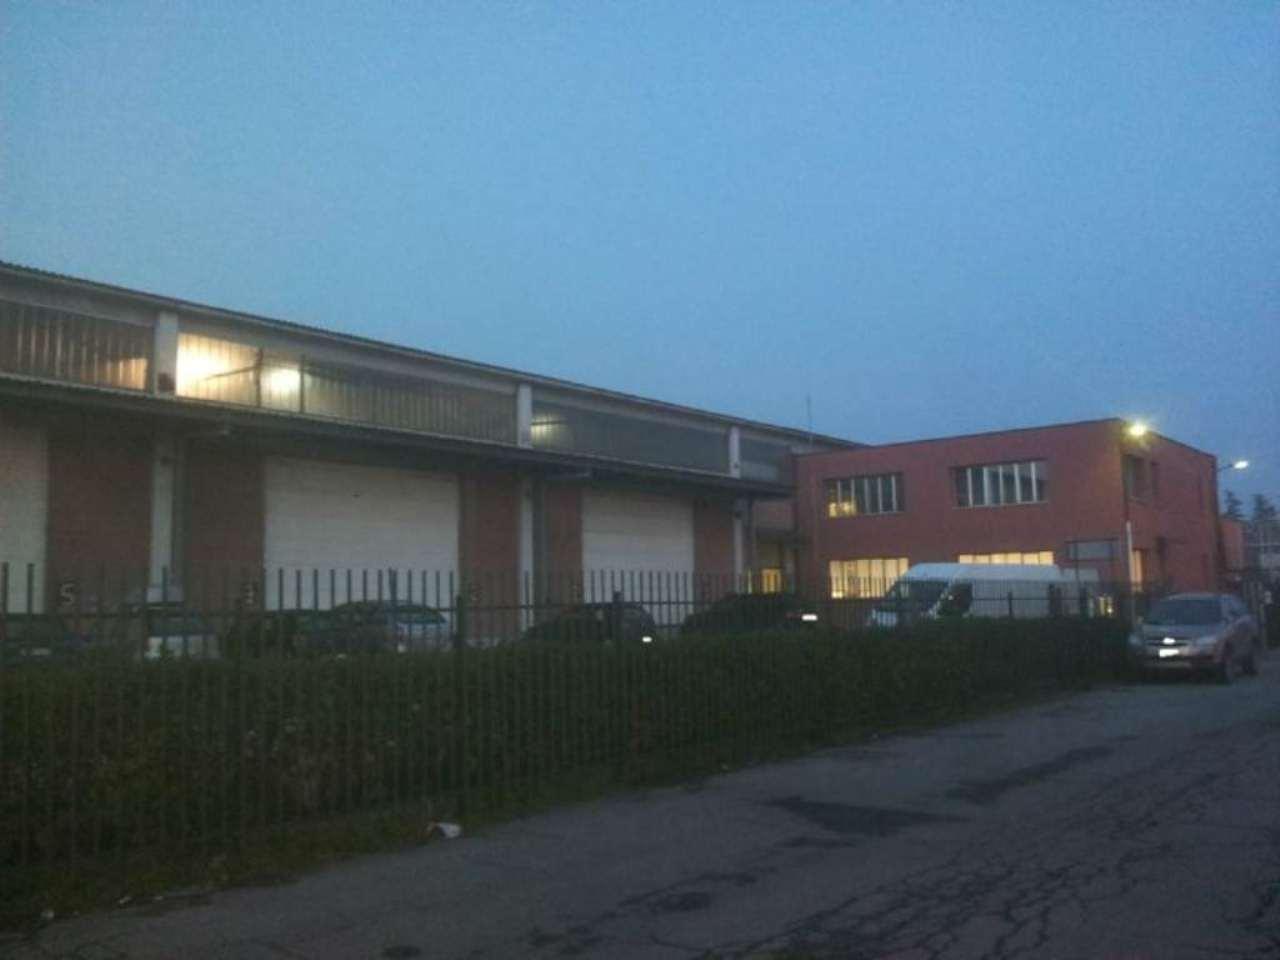 Ufficio / Studio in affitto a Settala, 1 locali, prezzo € 350 | Cambio Casa.it